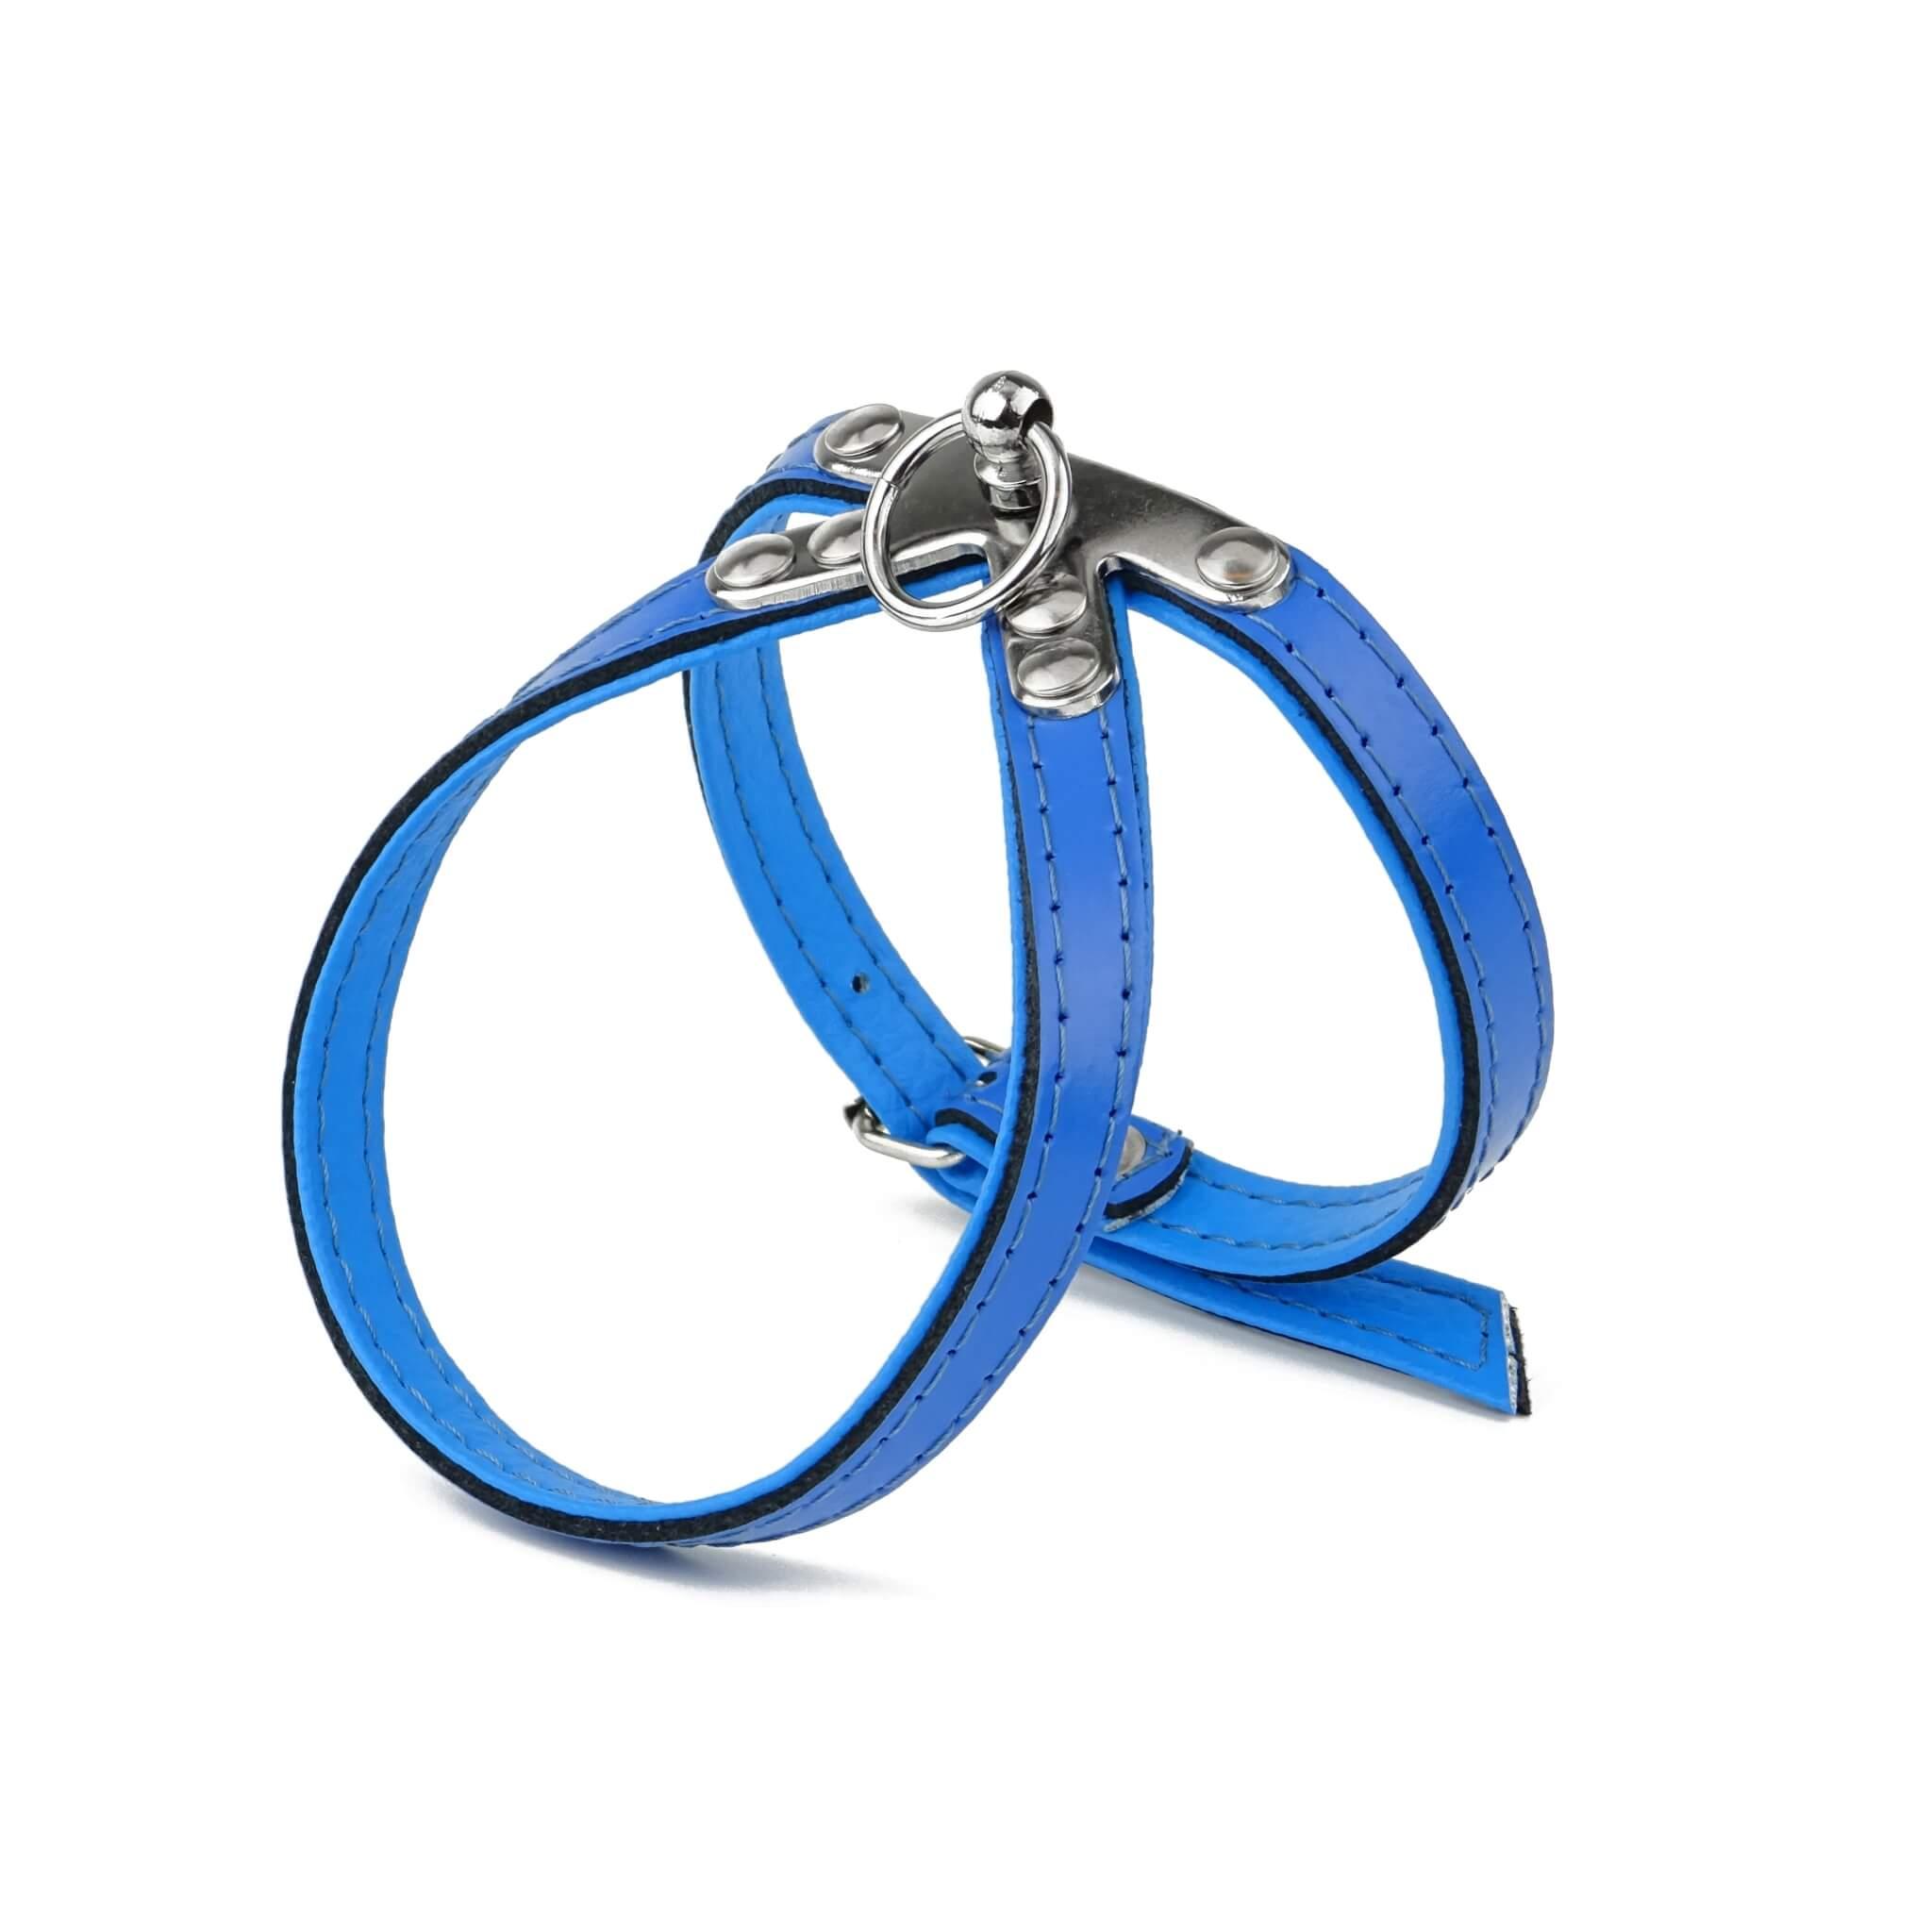 Vsepropejska Lux kožený postroj pro psa | 27 - 42 cm Barva: Modrá, Obvod hrudníku: 32 - 38 cm